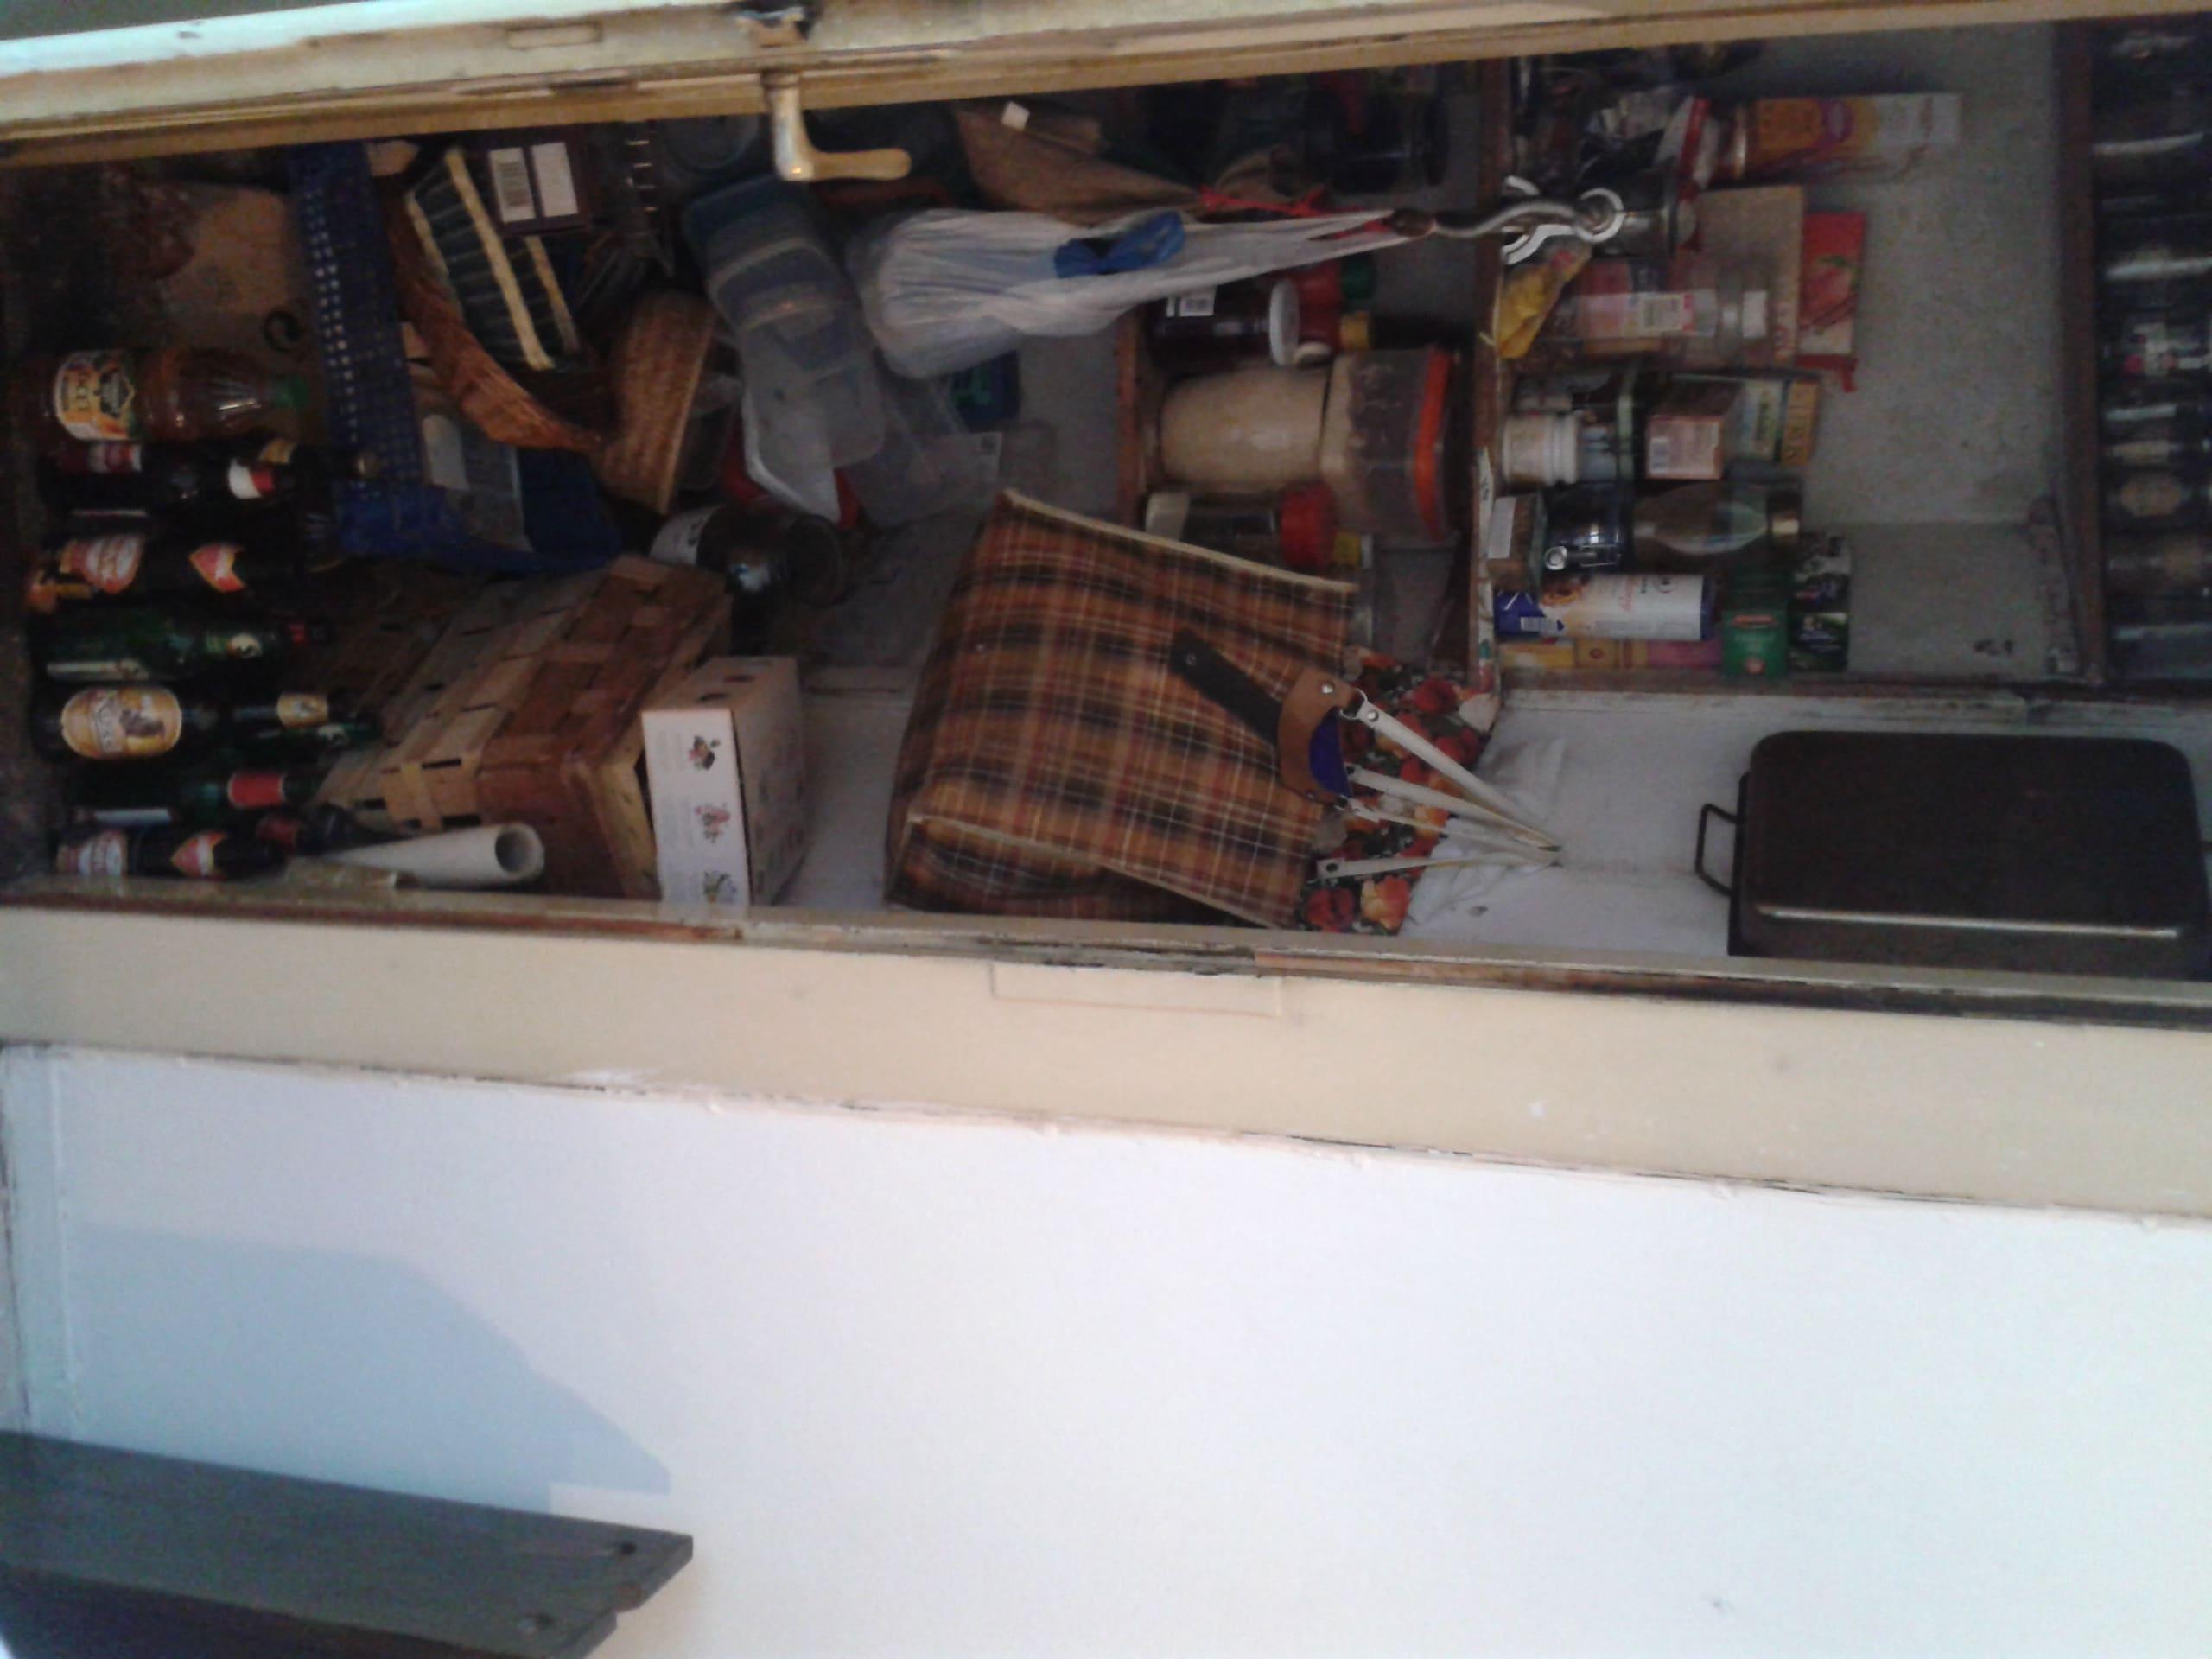 למכירה דירת 2 חדרים בשכונת ז'יז'קוב בפראג11 (7)